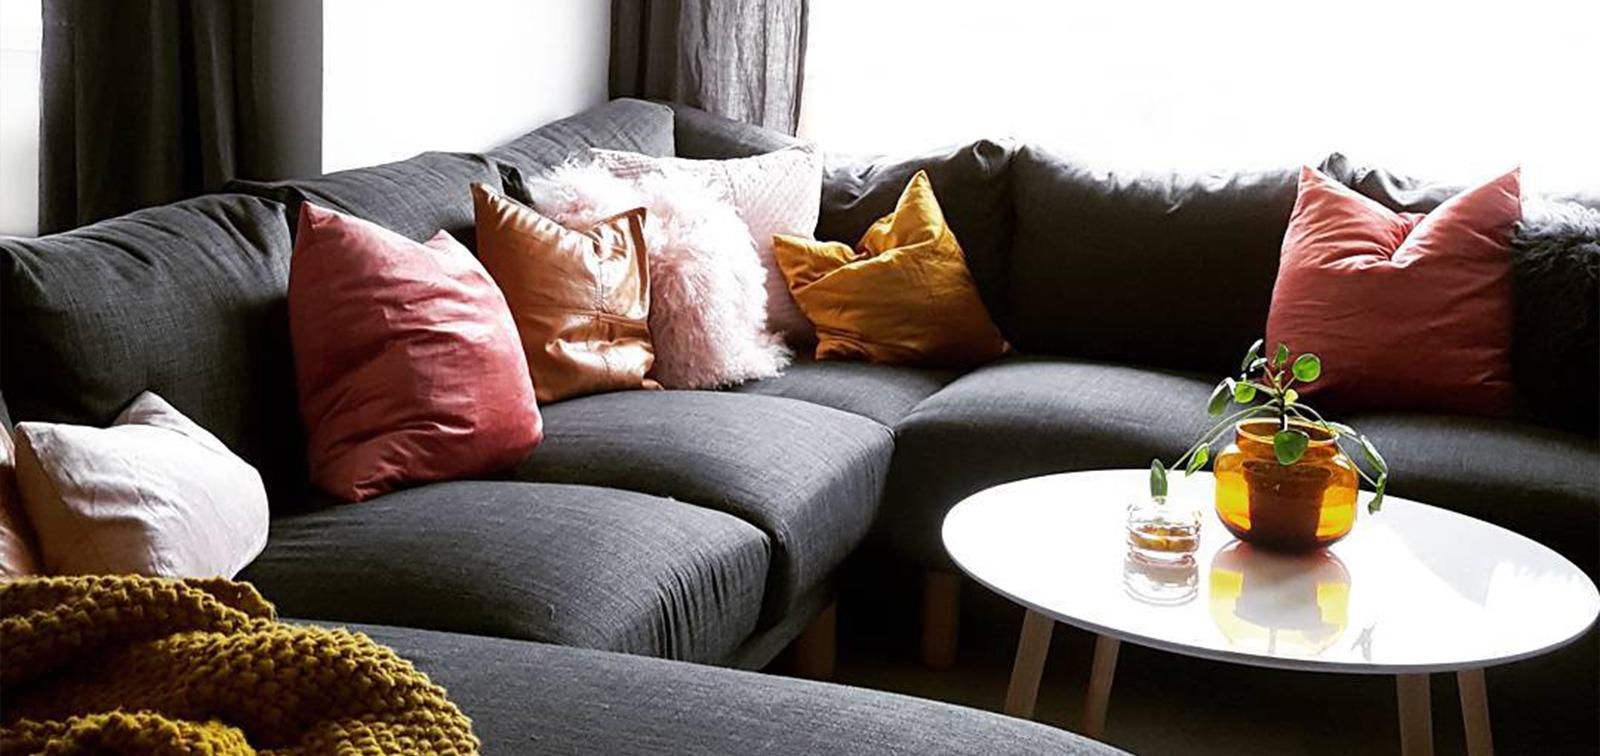 Housse de remplacement pour votre canapé Maisons du Monde